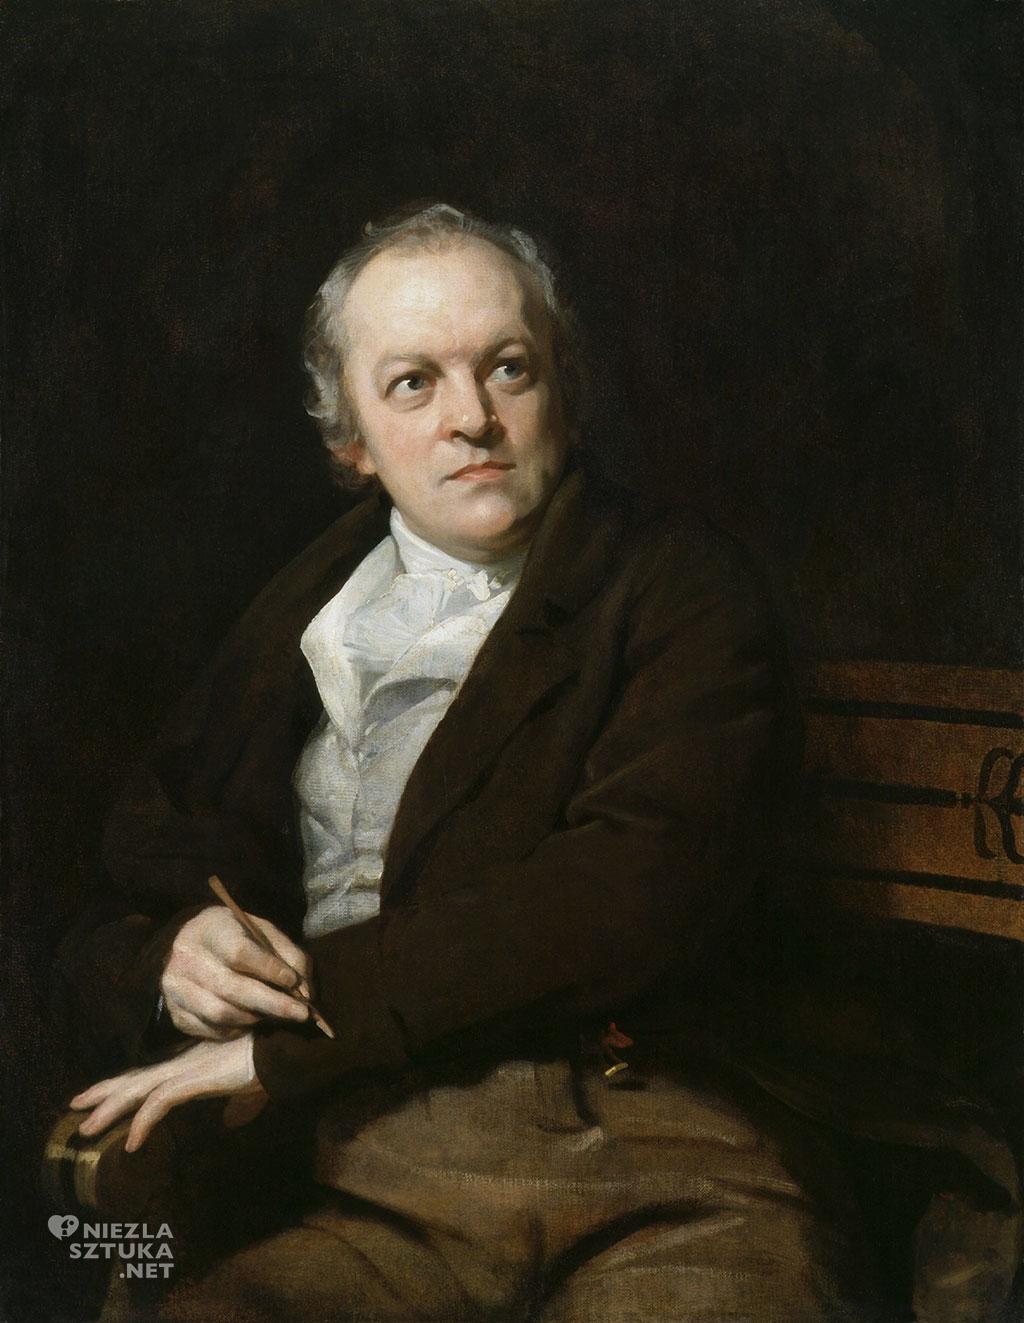 Thomas Phillips, William Blake, National Portrait Gallery, Londyn, Niezła sztuka